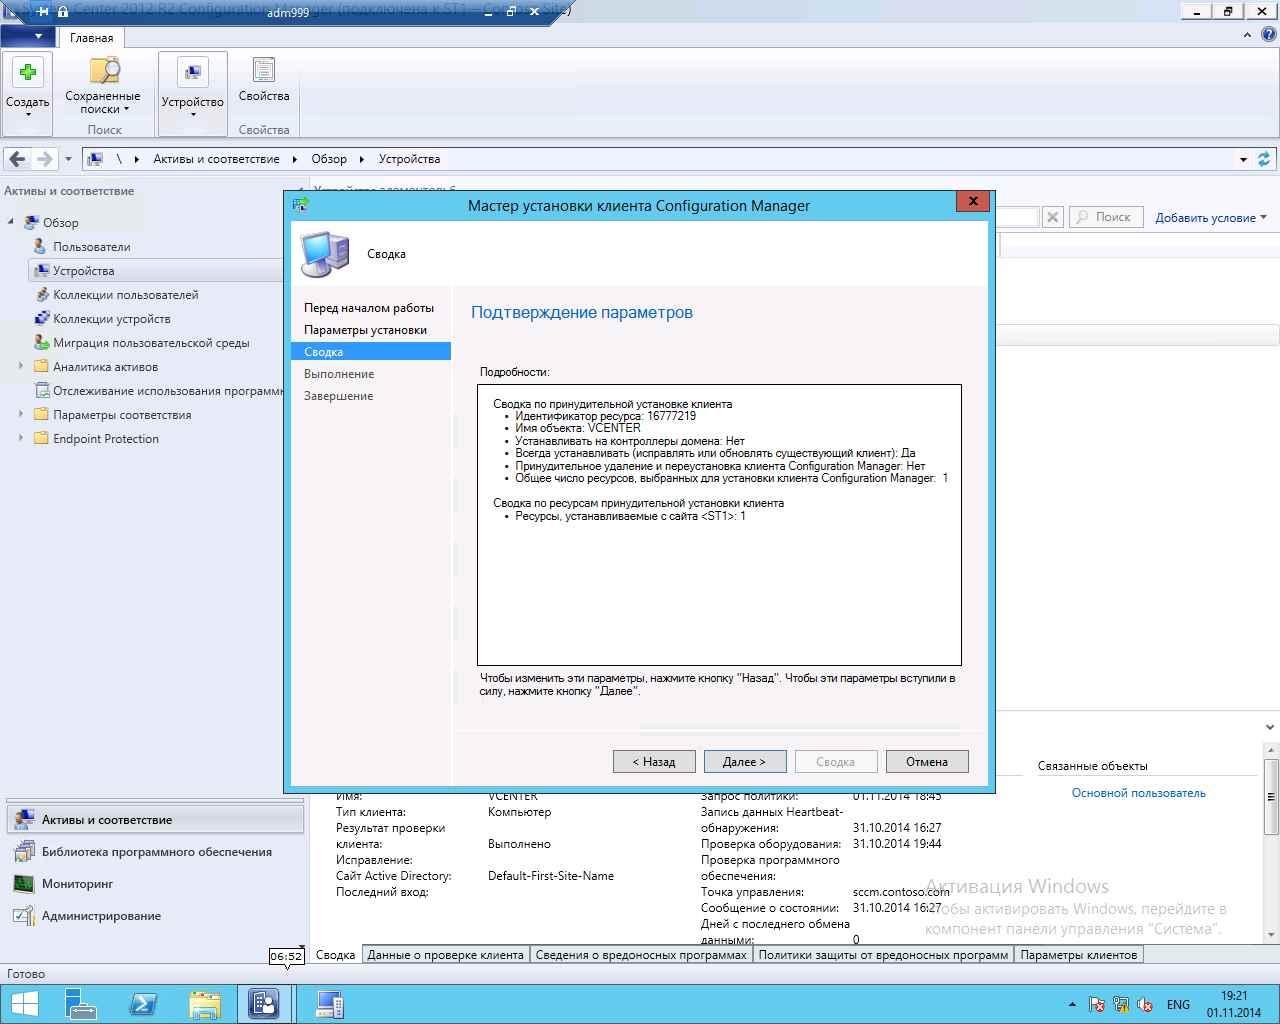 Как установить SCCM (System Center Configuration Manager) 2012R2 в windows server 2012R2 -6 часть. Как принудительно установить клиента-11